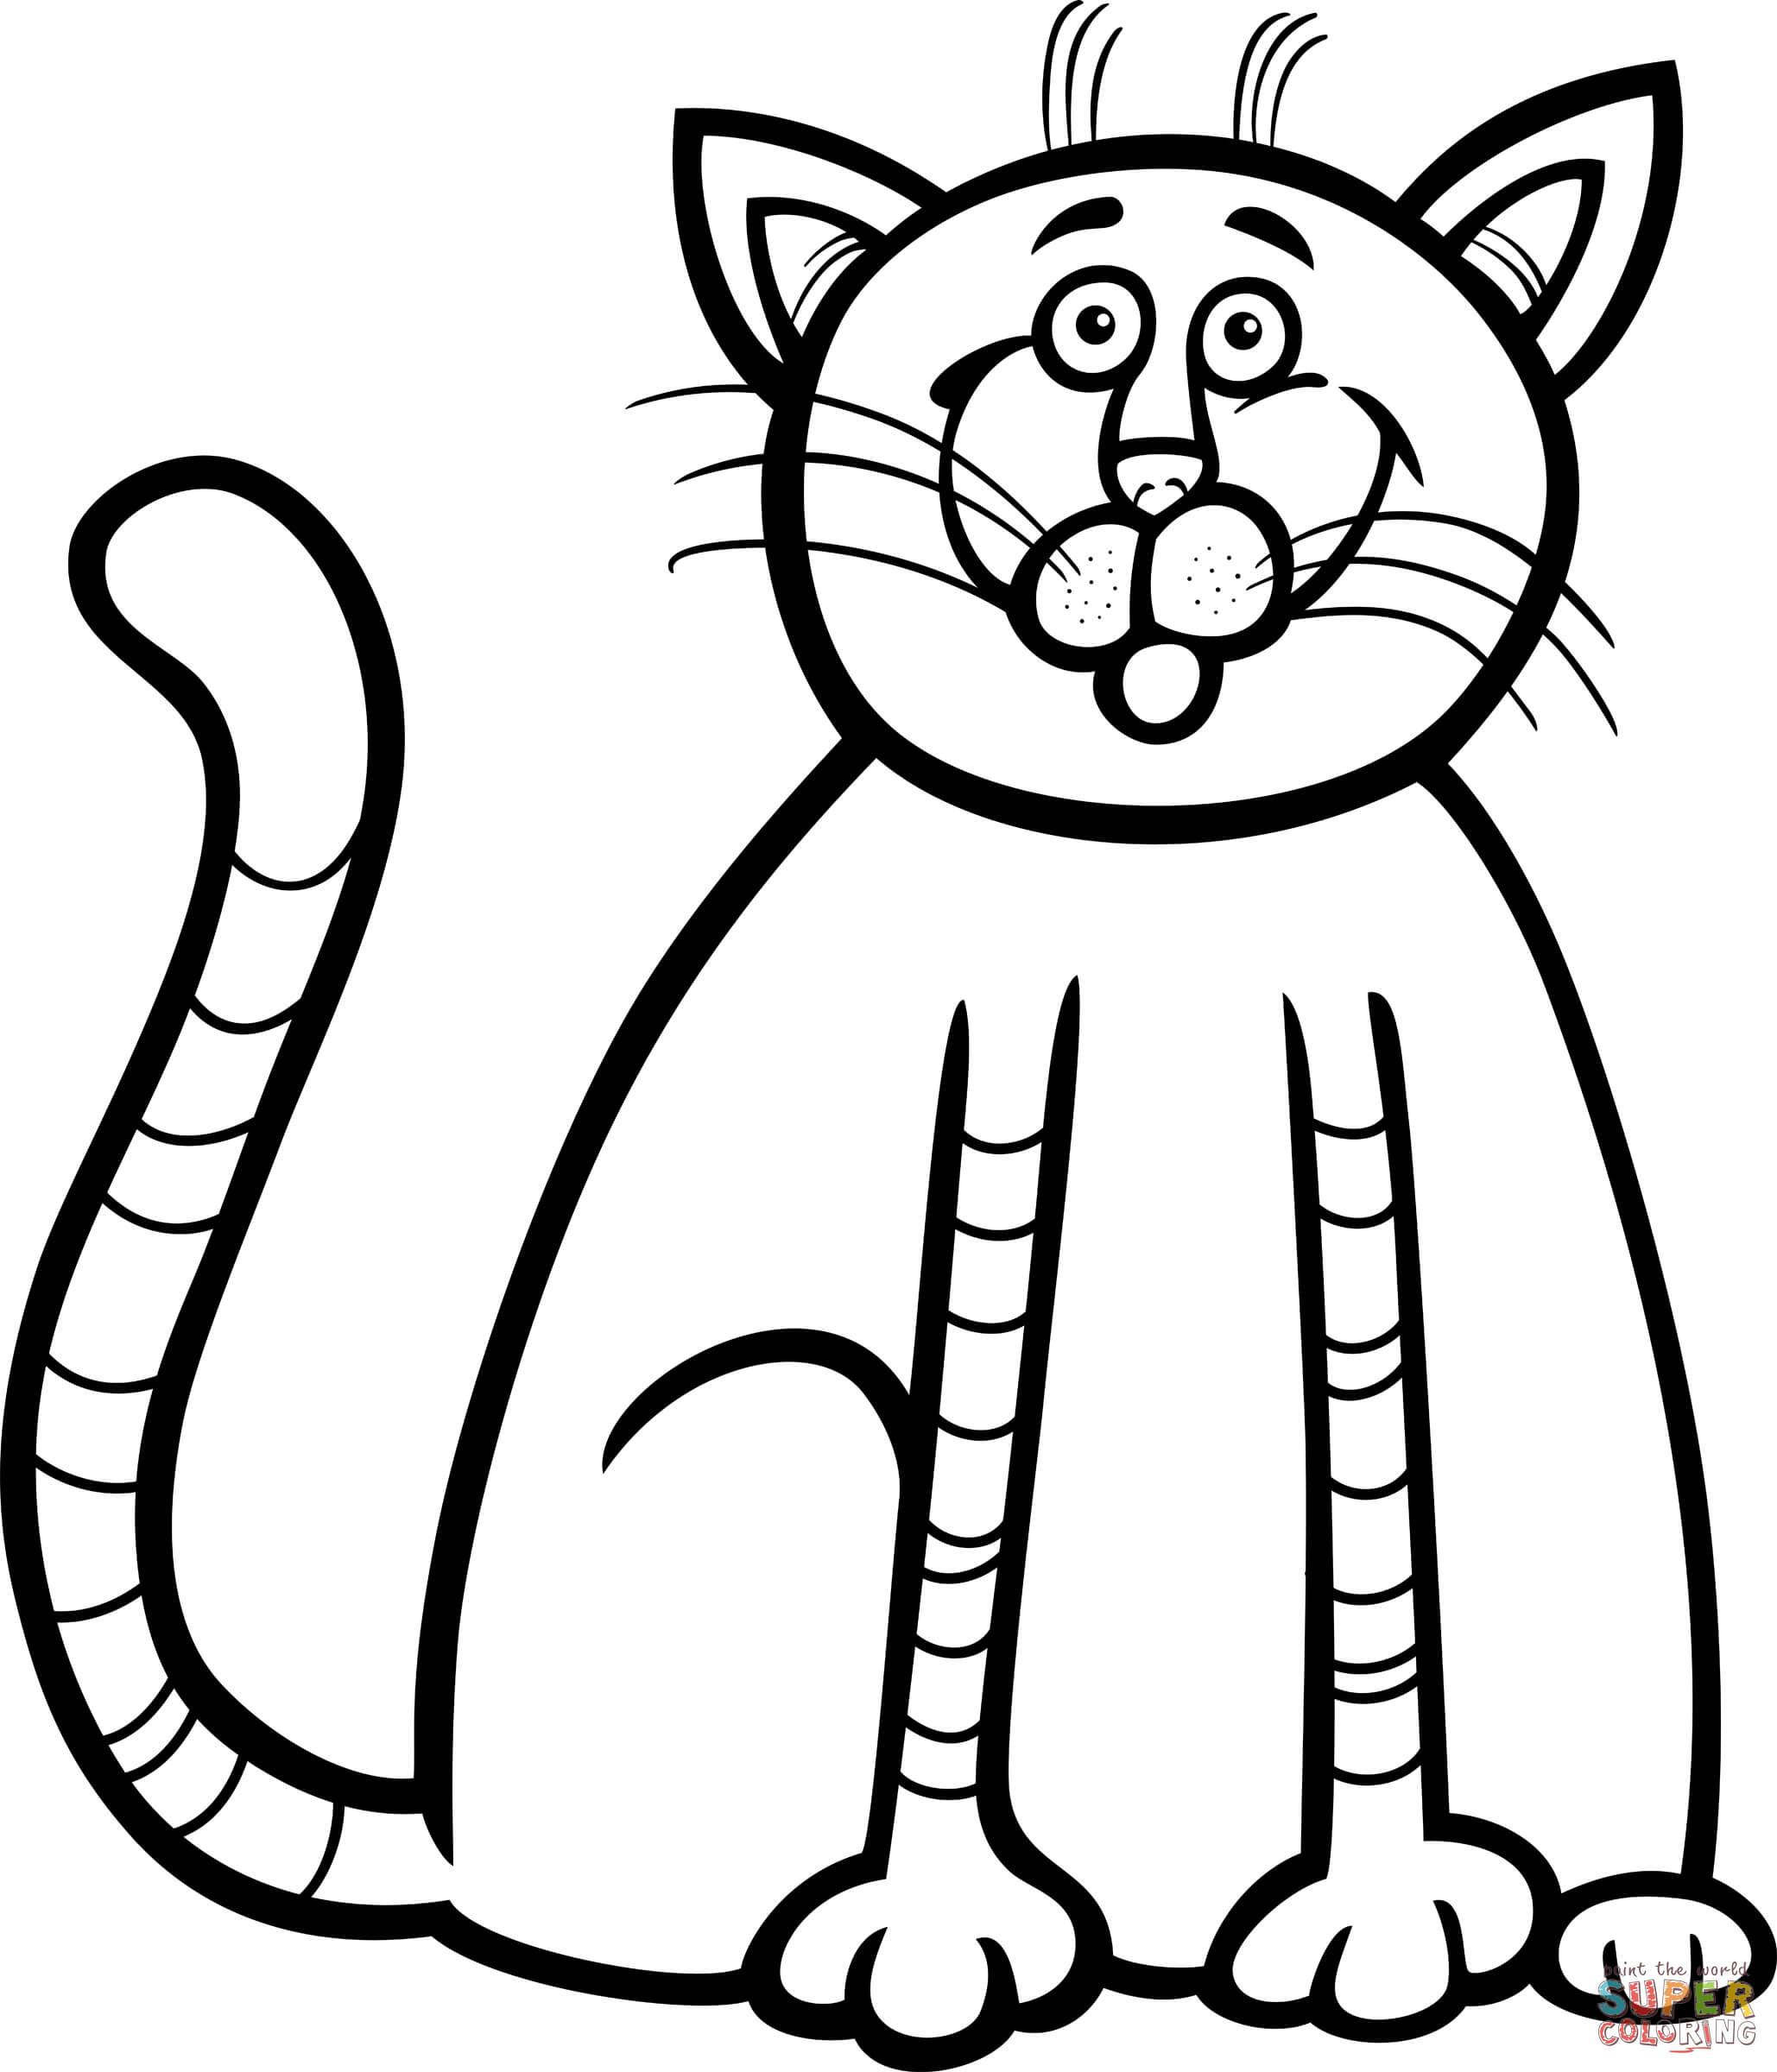 Peach Kleurplaat Dibujos De Gato Para Colorear Dibujosonline Net